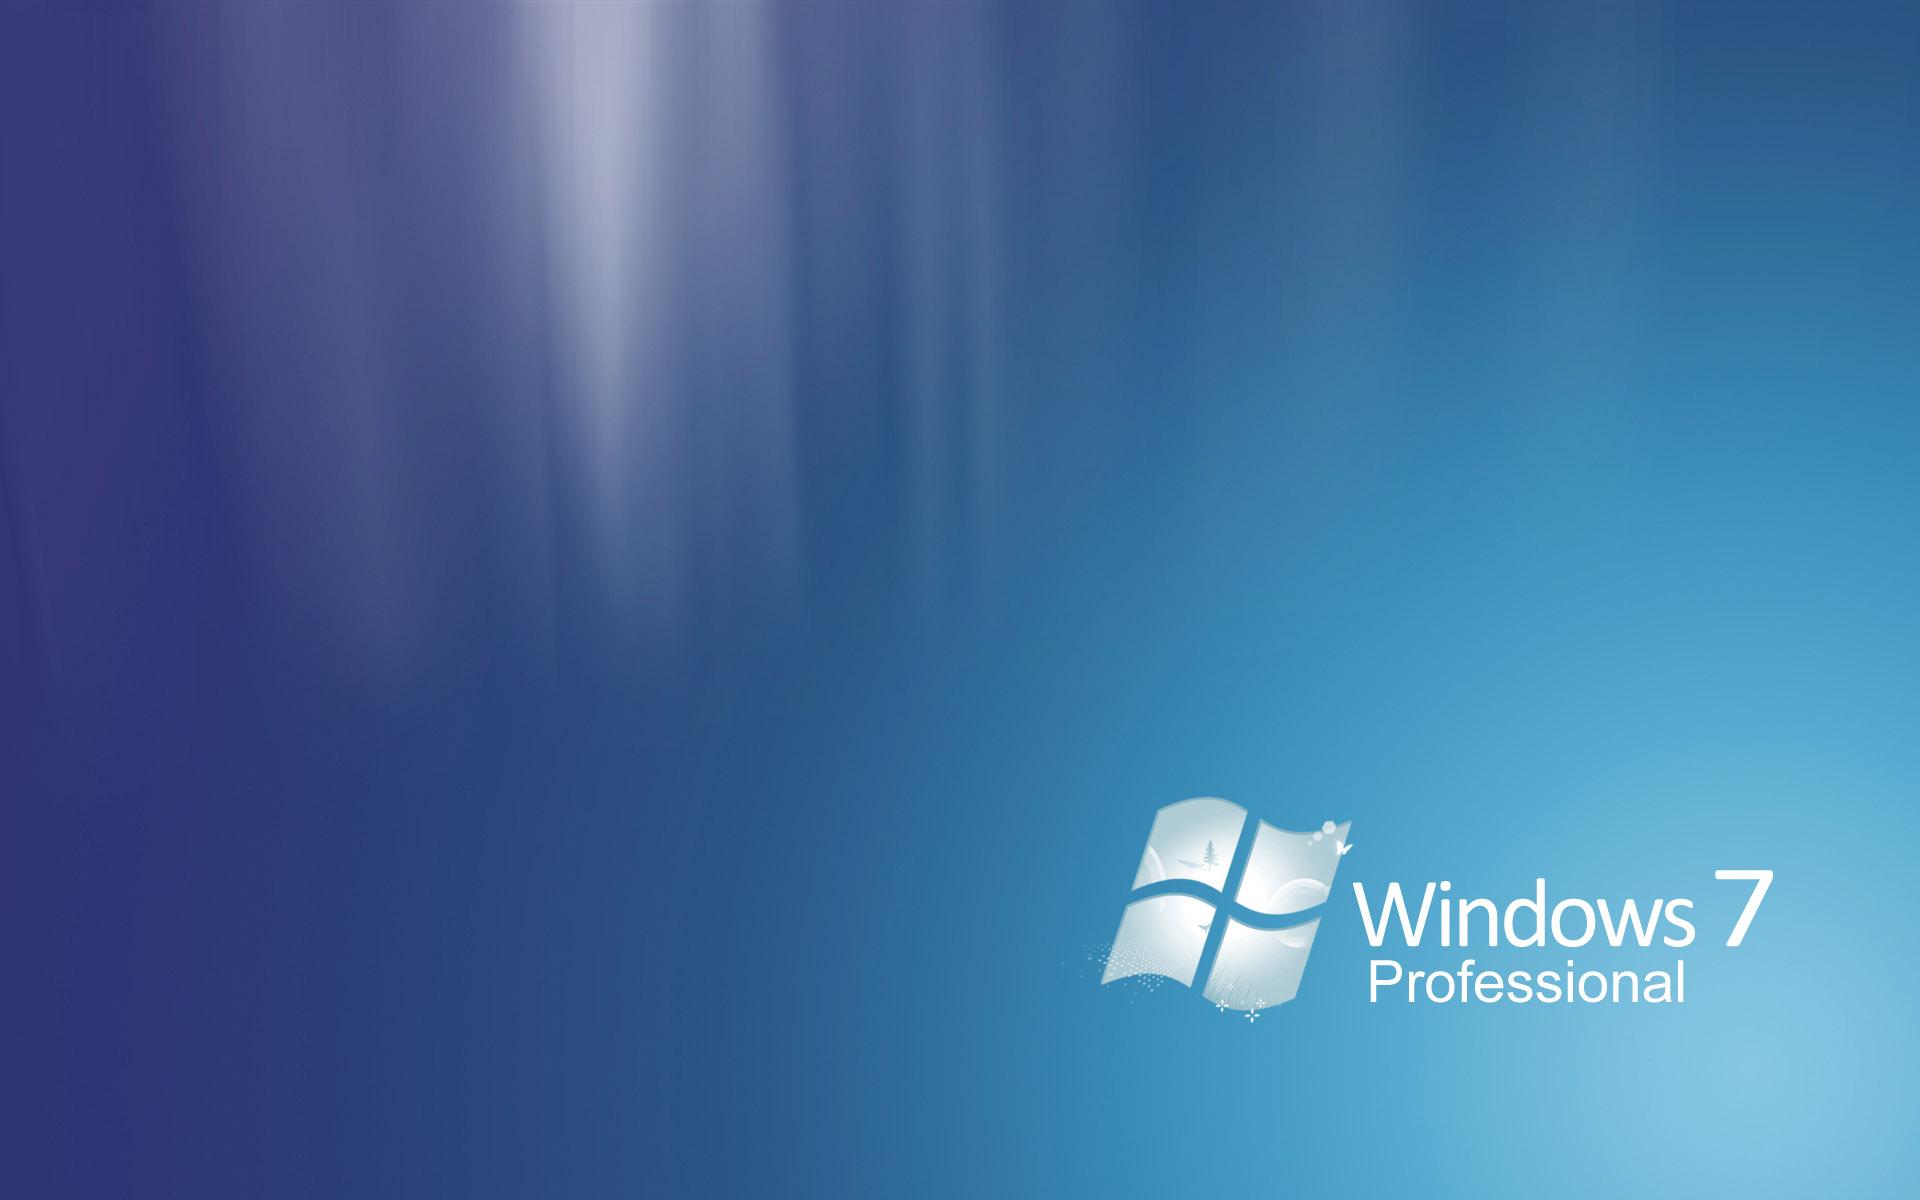 壁纸1920 1200windows7梦幻桌面下载壁纸,windows7梦幻桌面下载